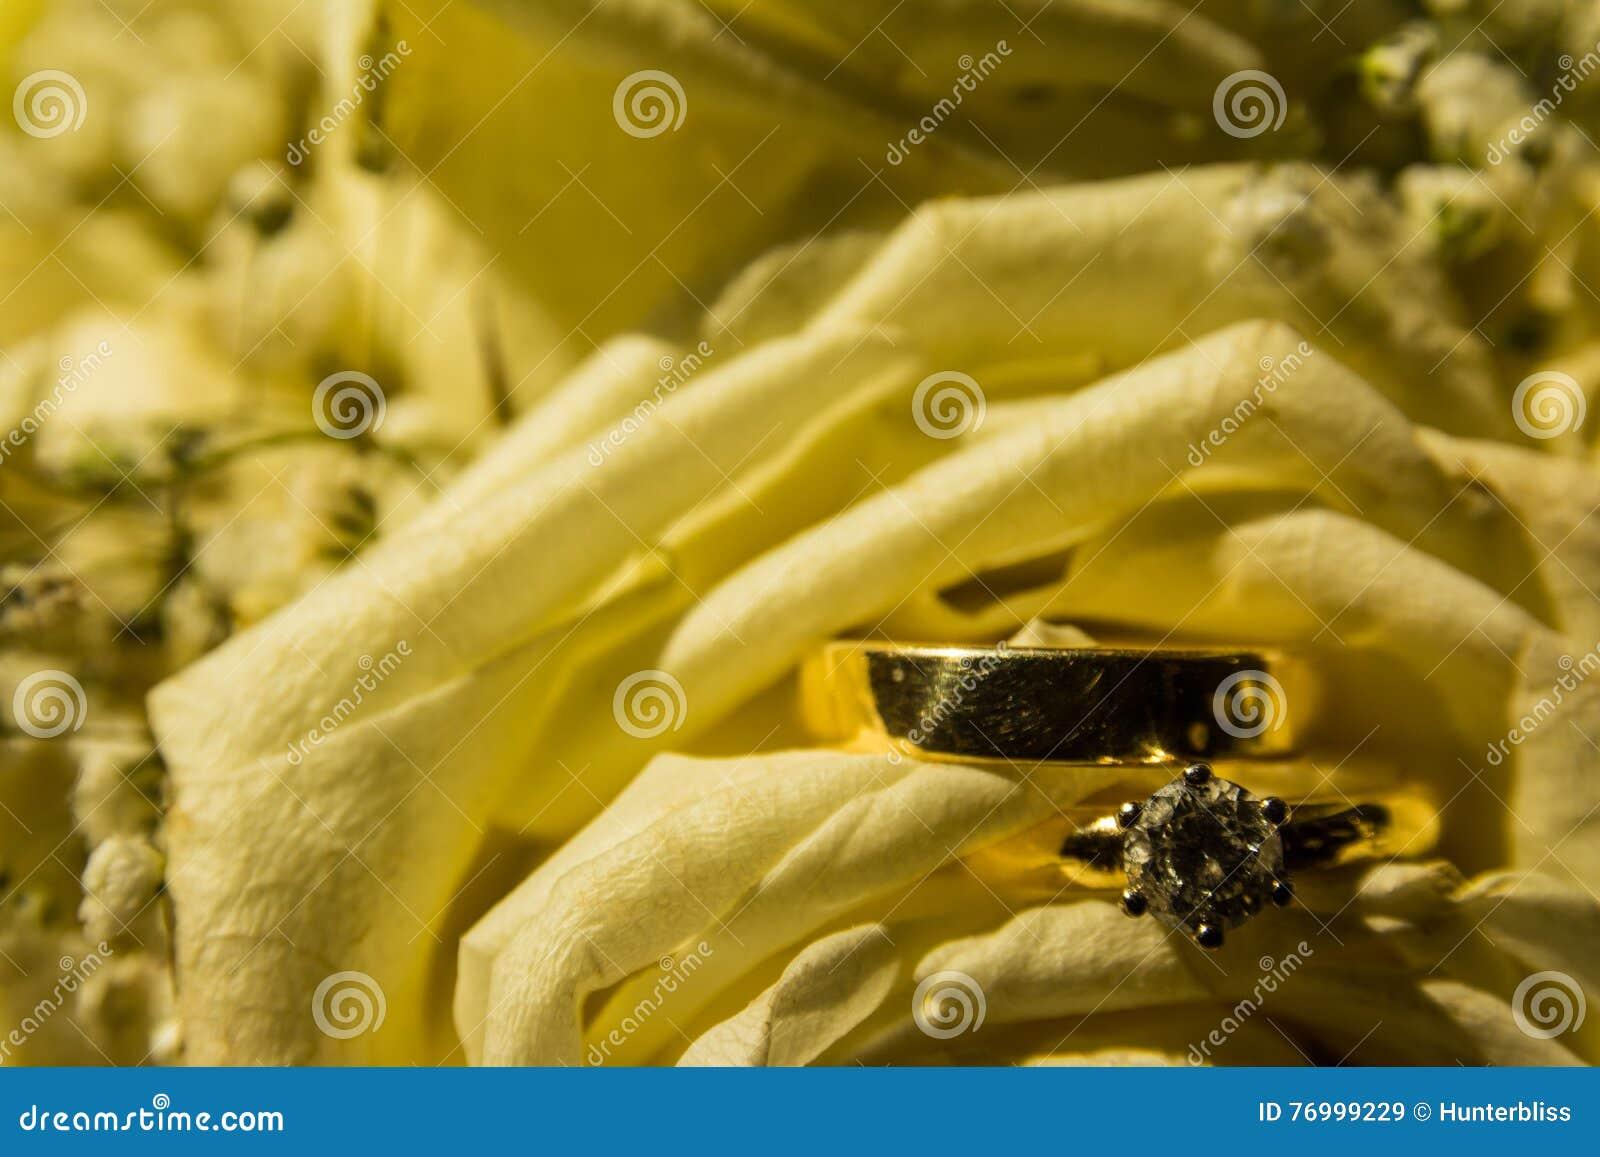 Pétalas douradas da flor do amarelo de Diamond Wedding Rings Together Bright